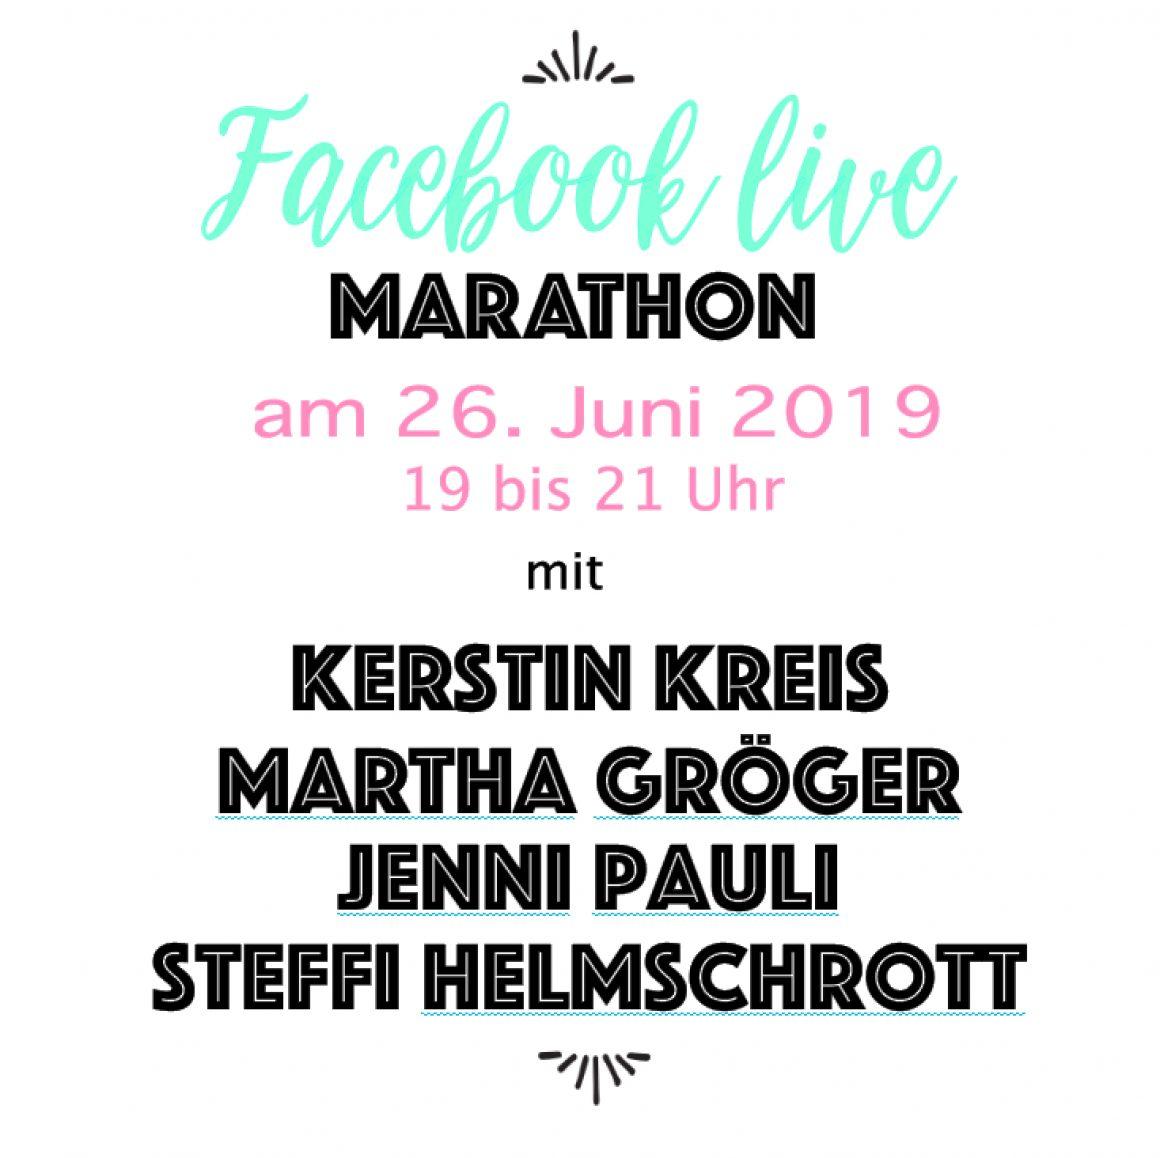 Einladung zum Facebook Live Marathon